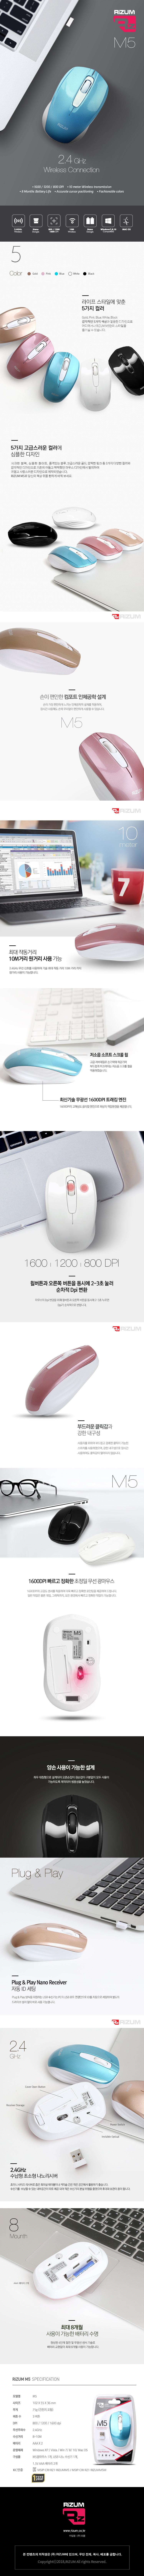 RIZUM M5 무선 마우스 (핑크)